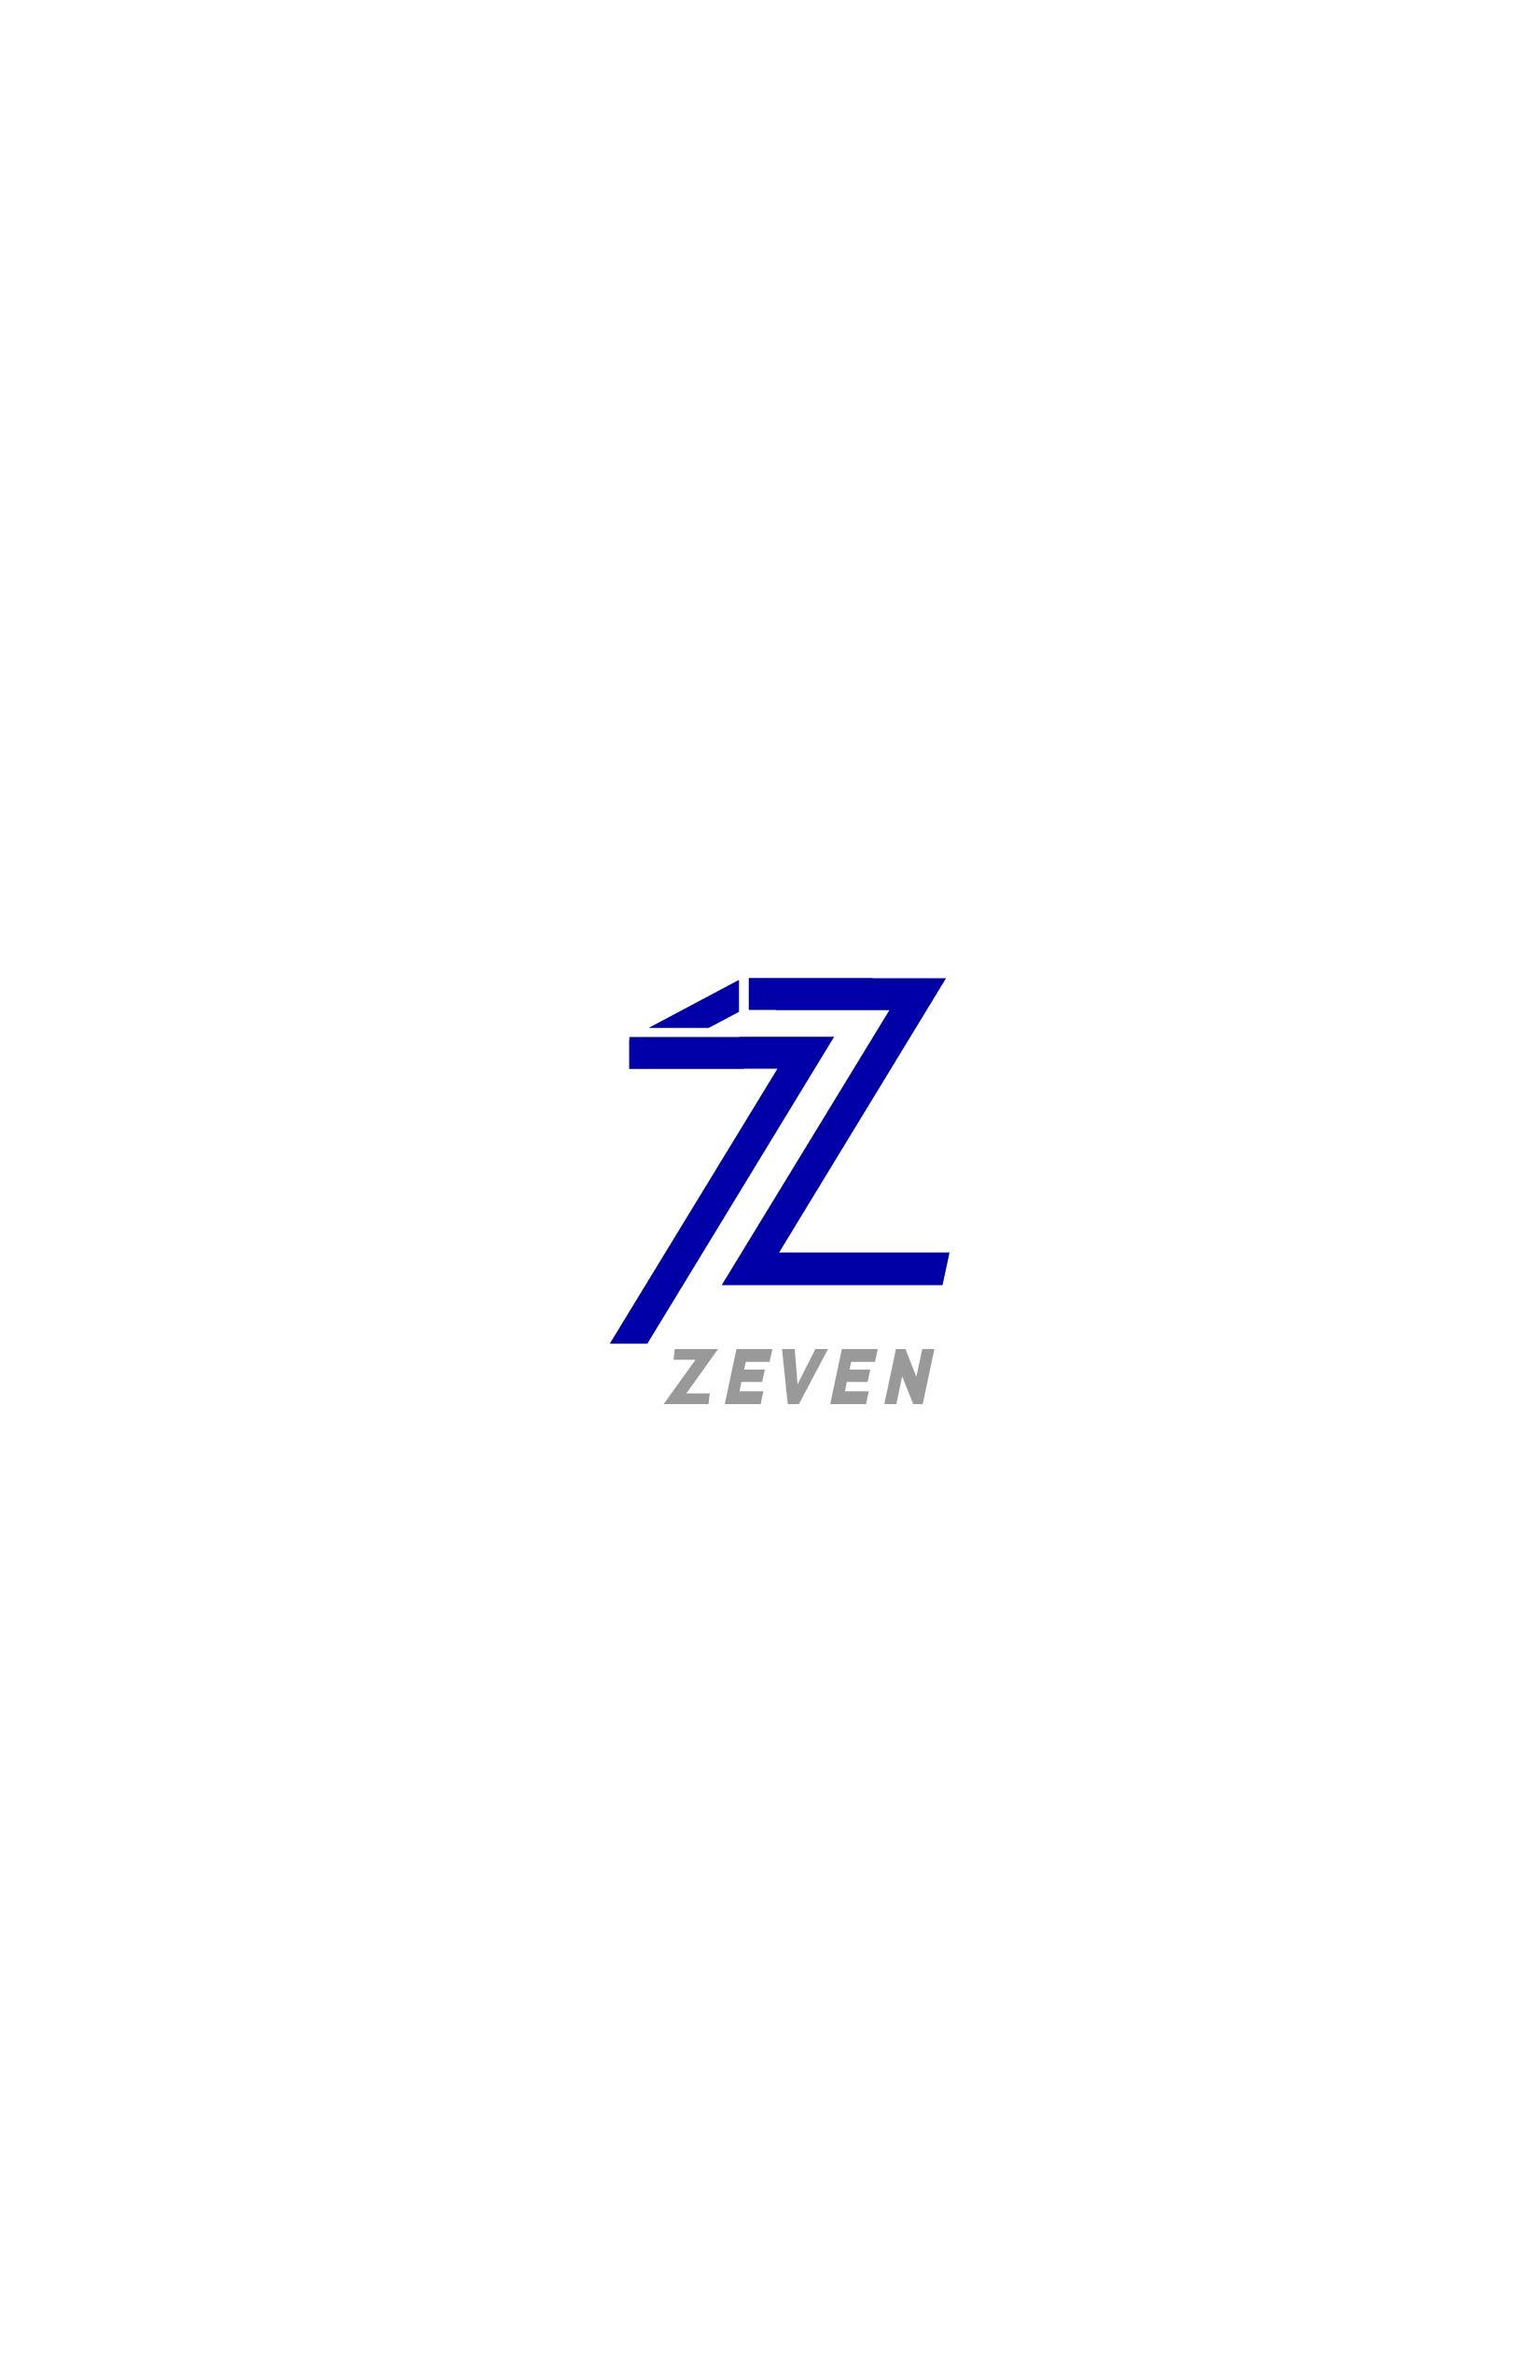 zeven logo-06